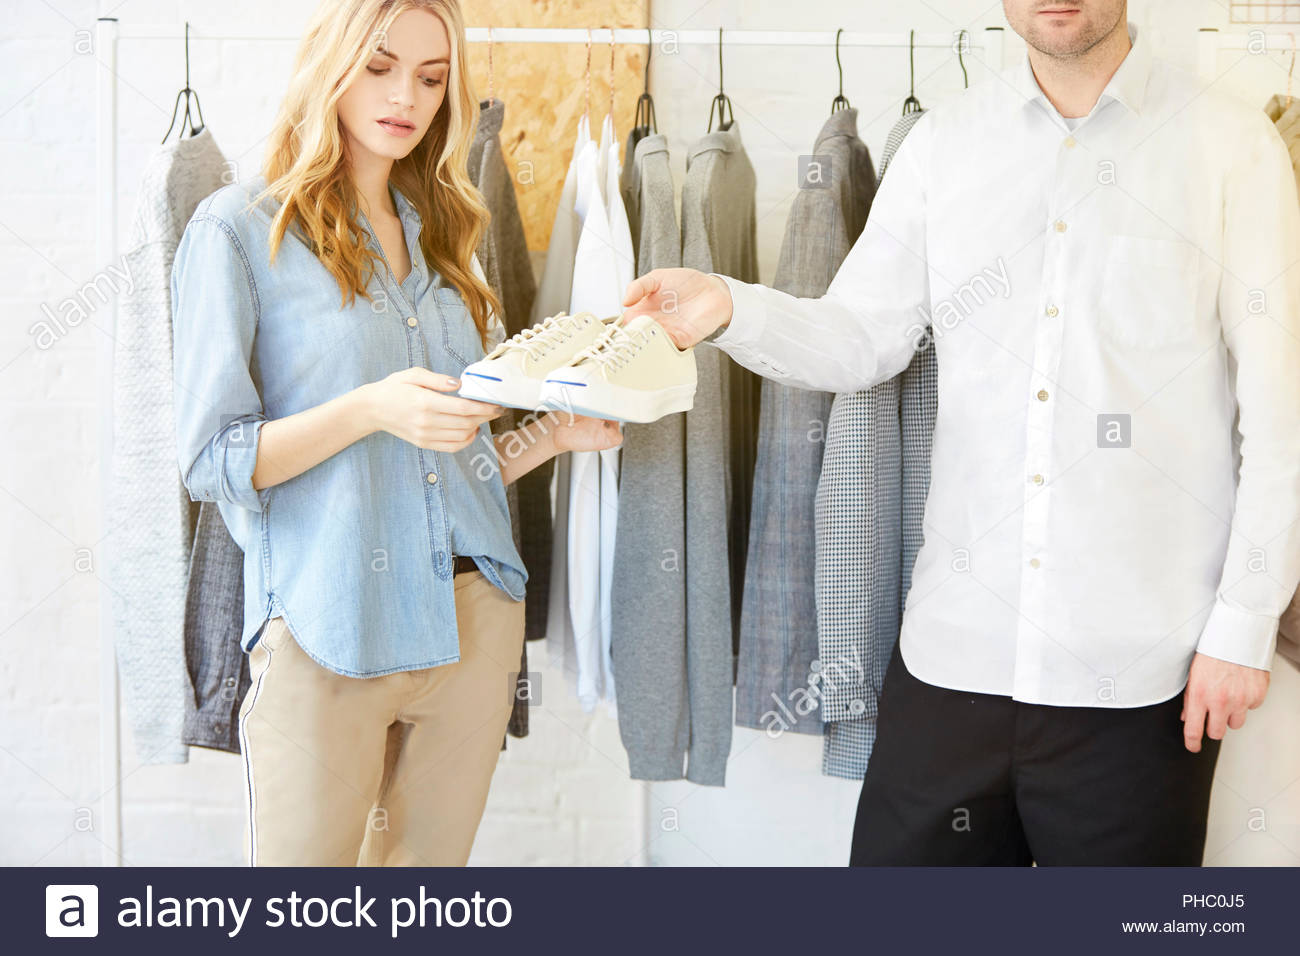 Jeune femme est remis par chaussures shop assistant. Photo Stock